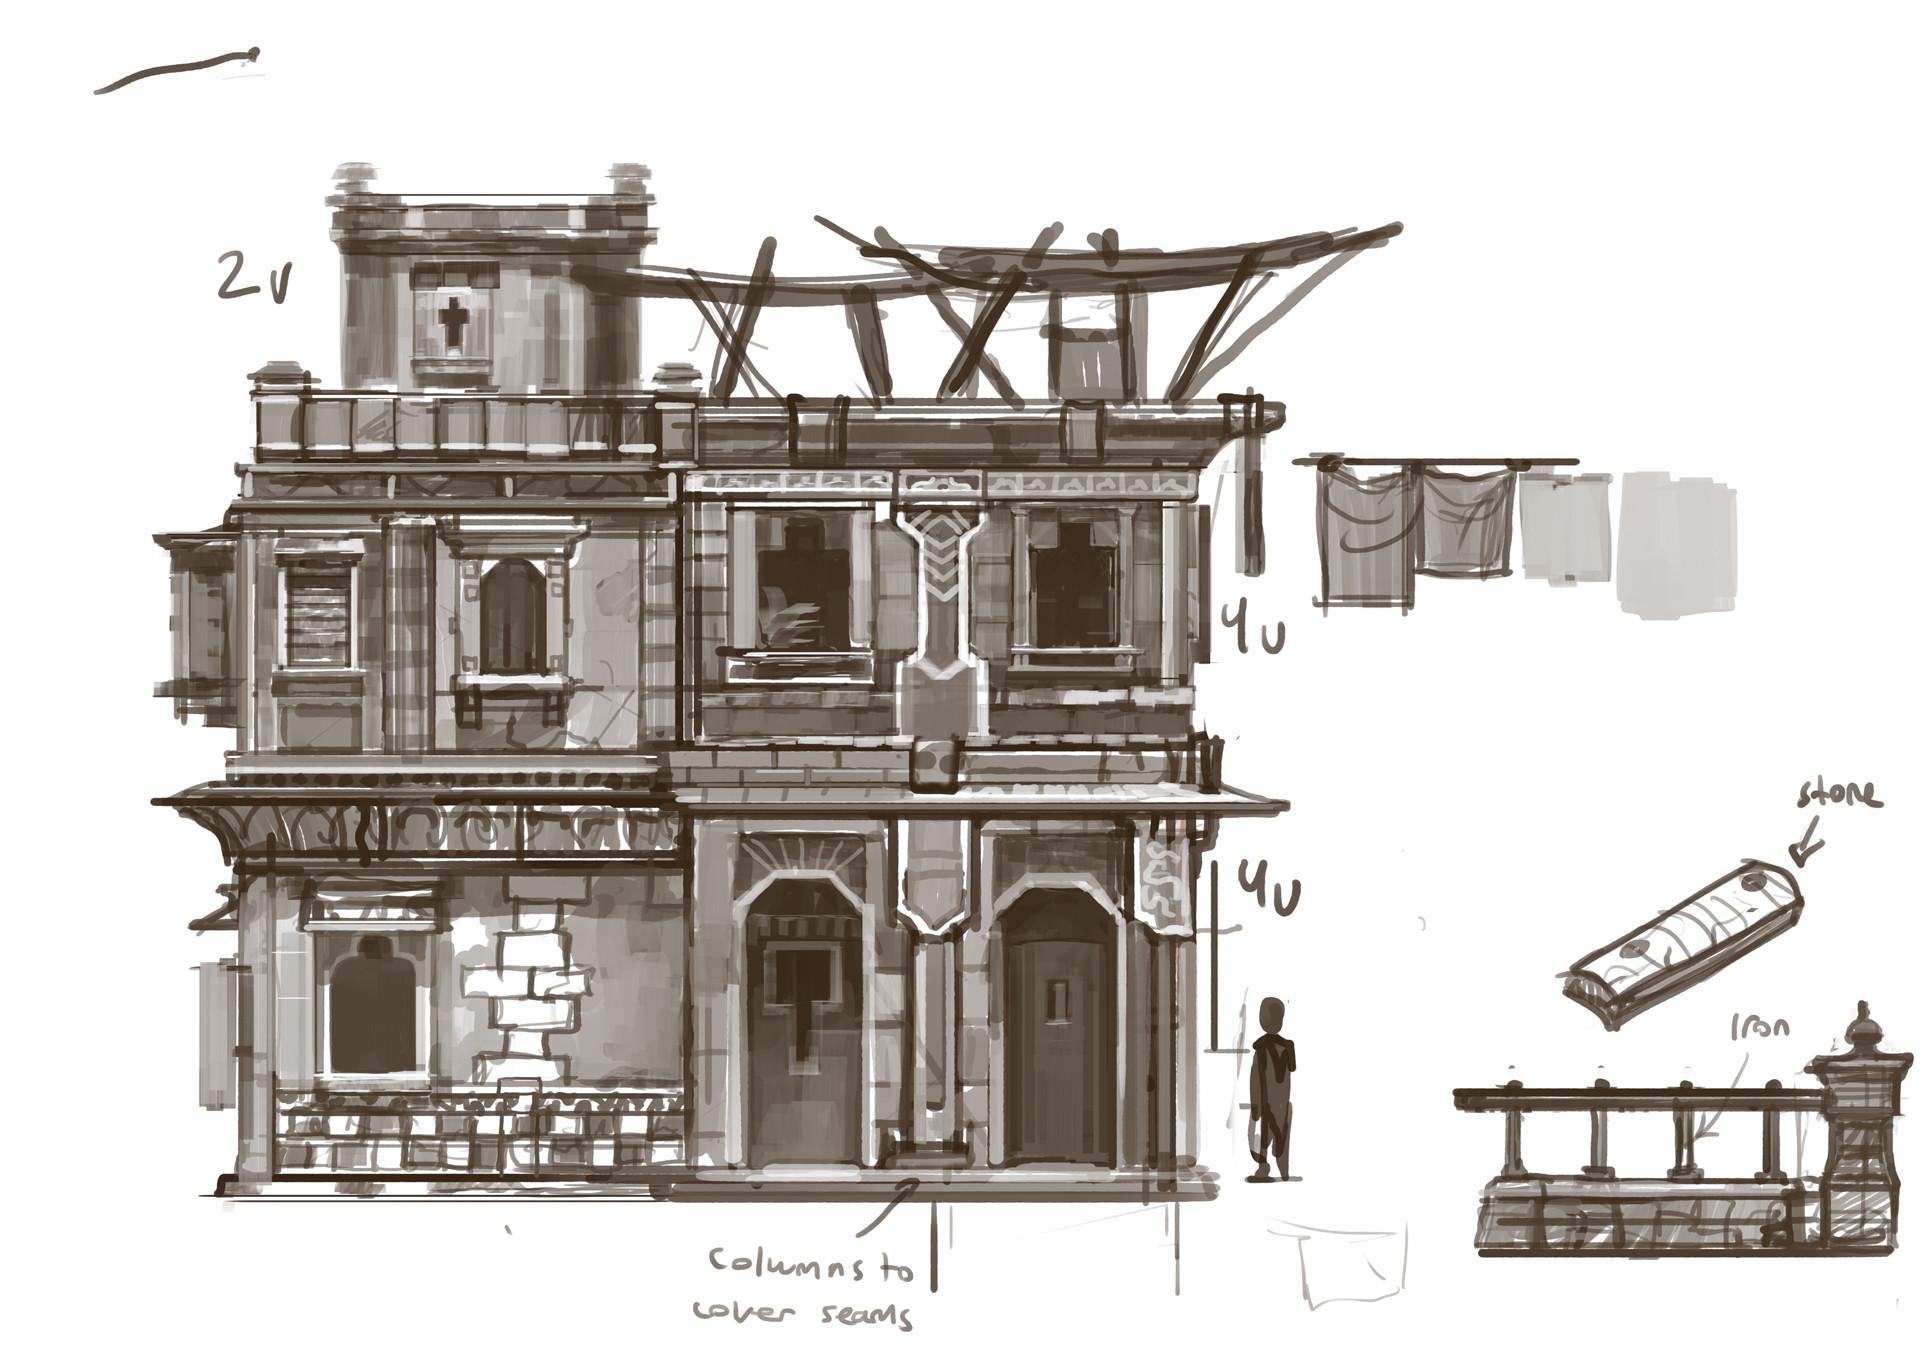 Frits olsen zaberbuilding kitdesign01